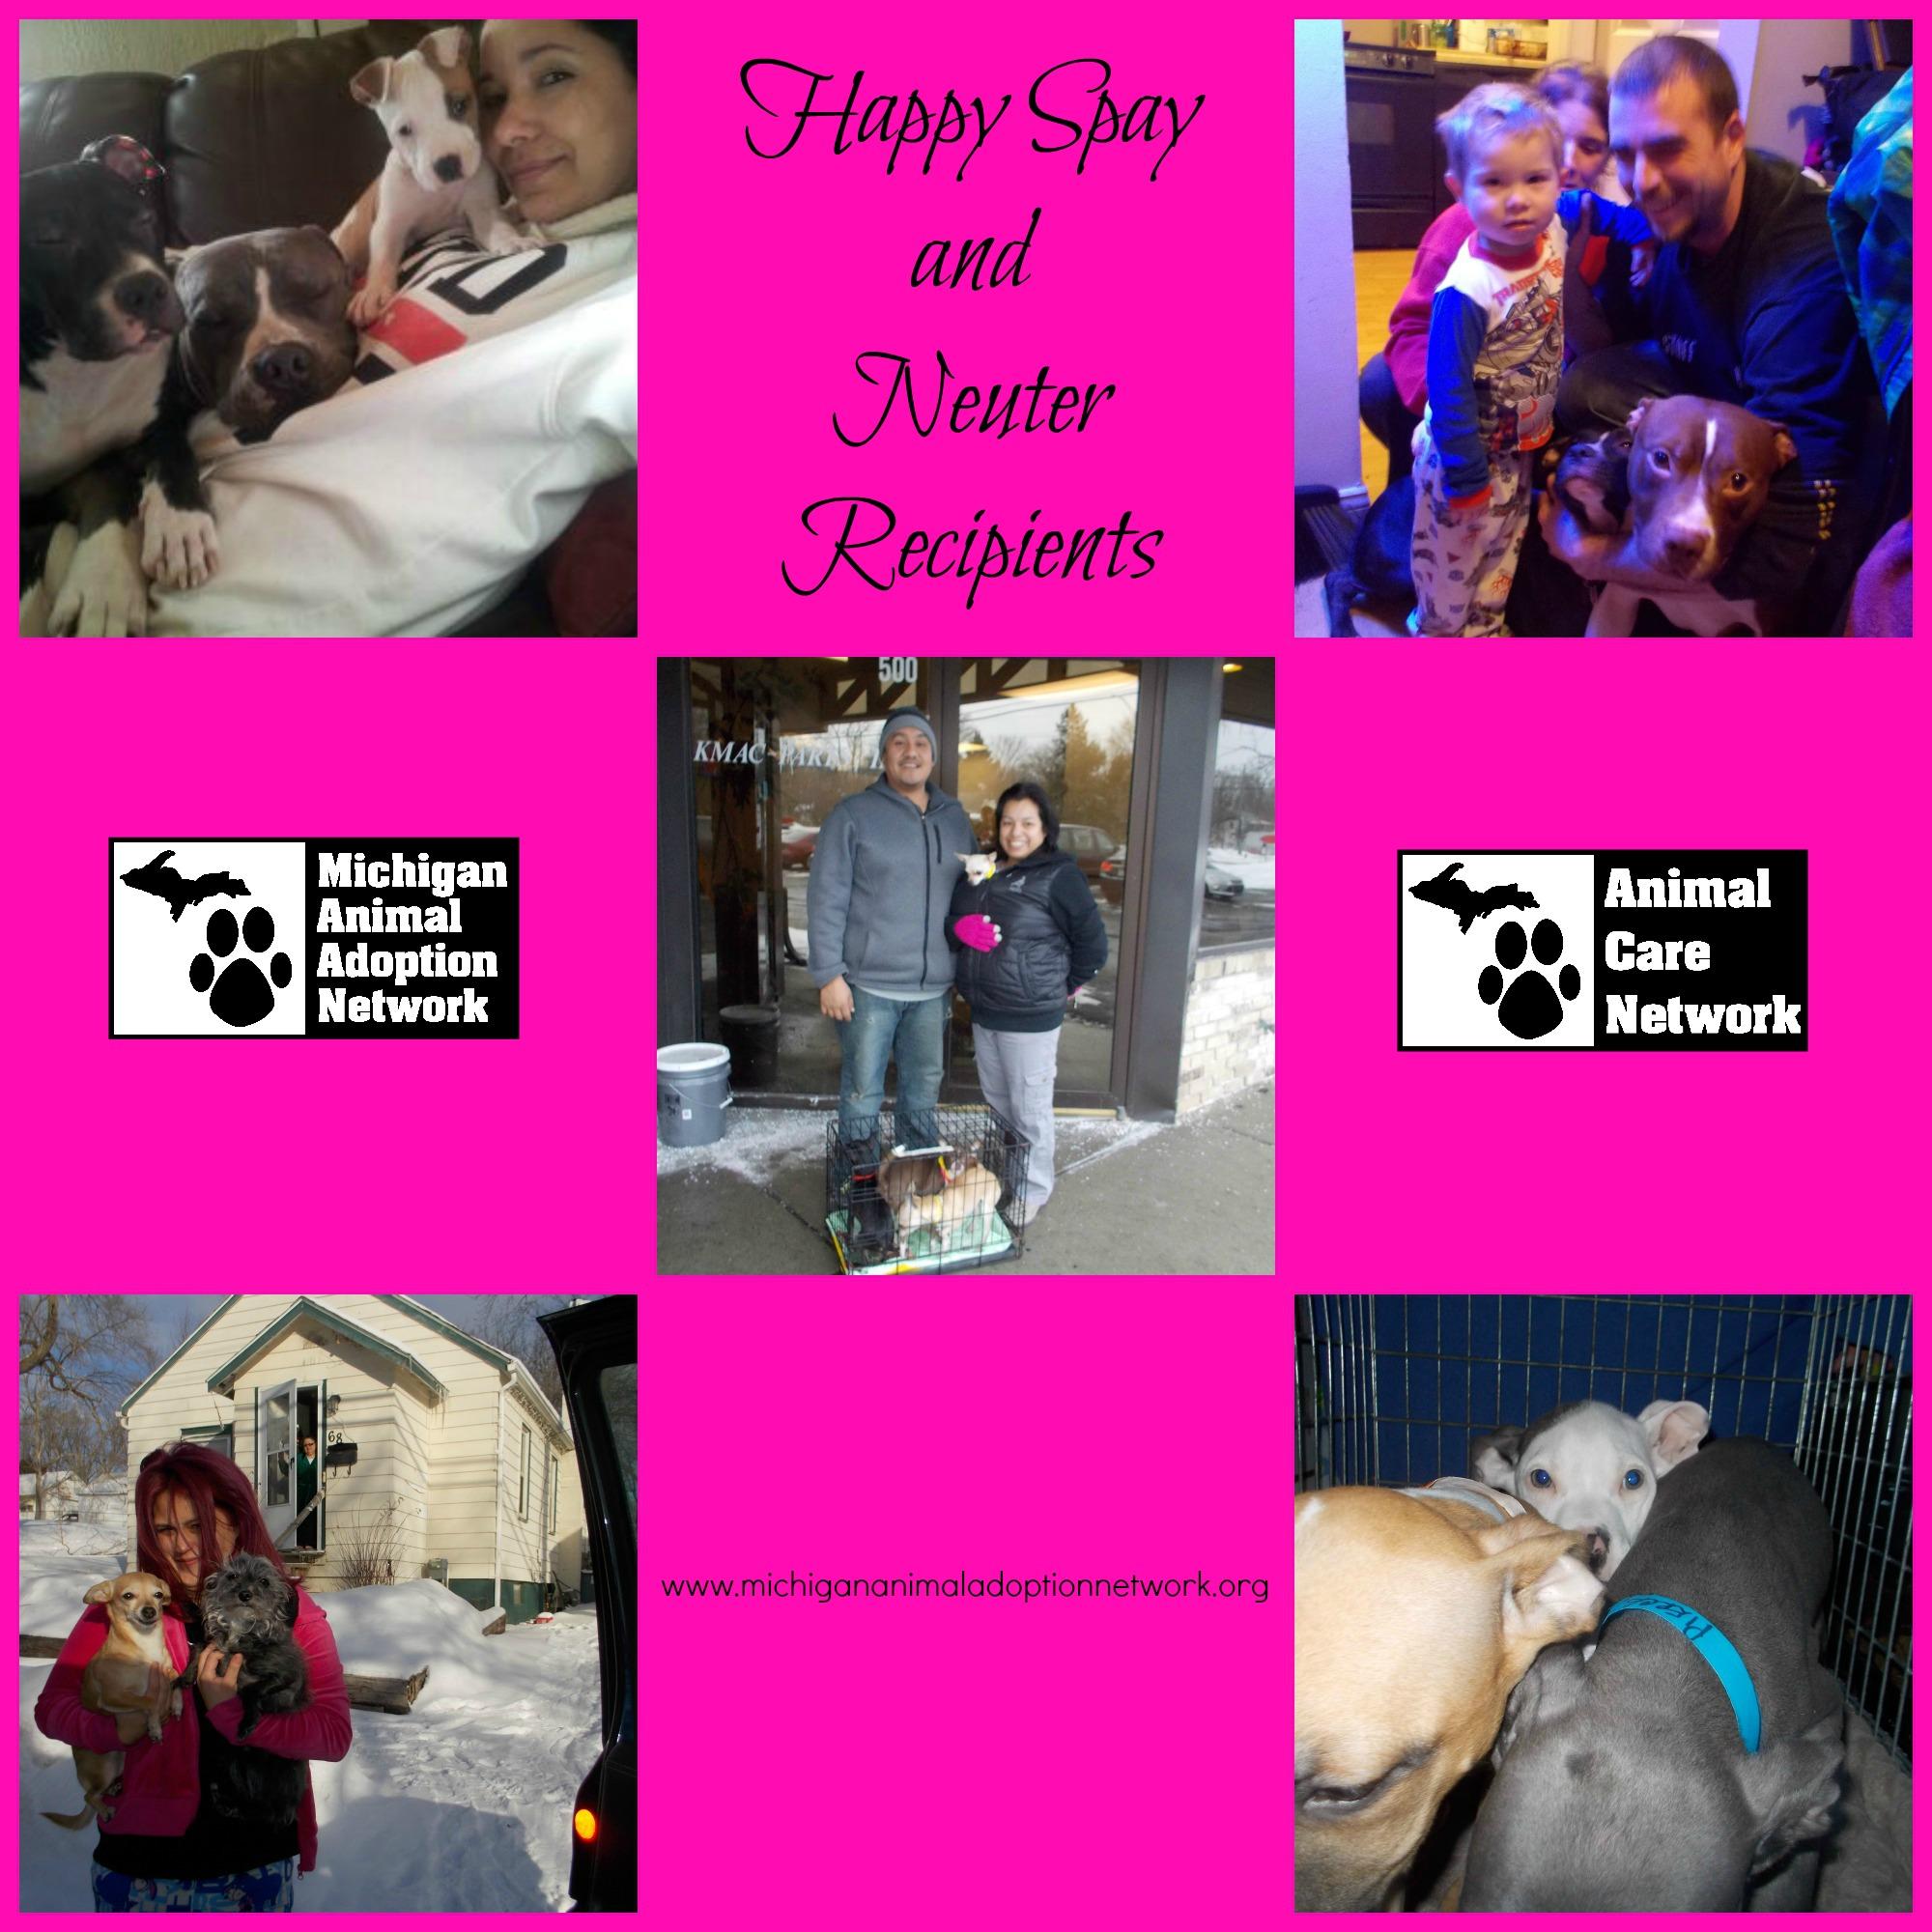 February 10 2014 PicMonkey Collage